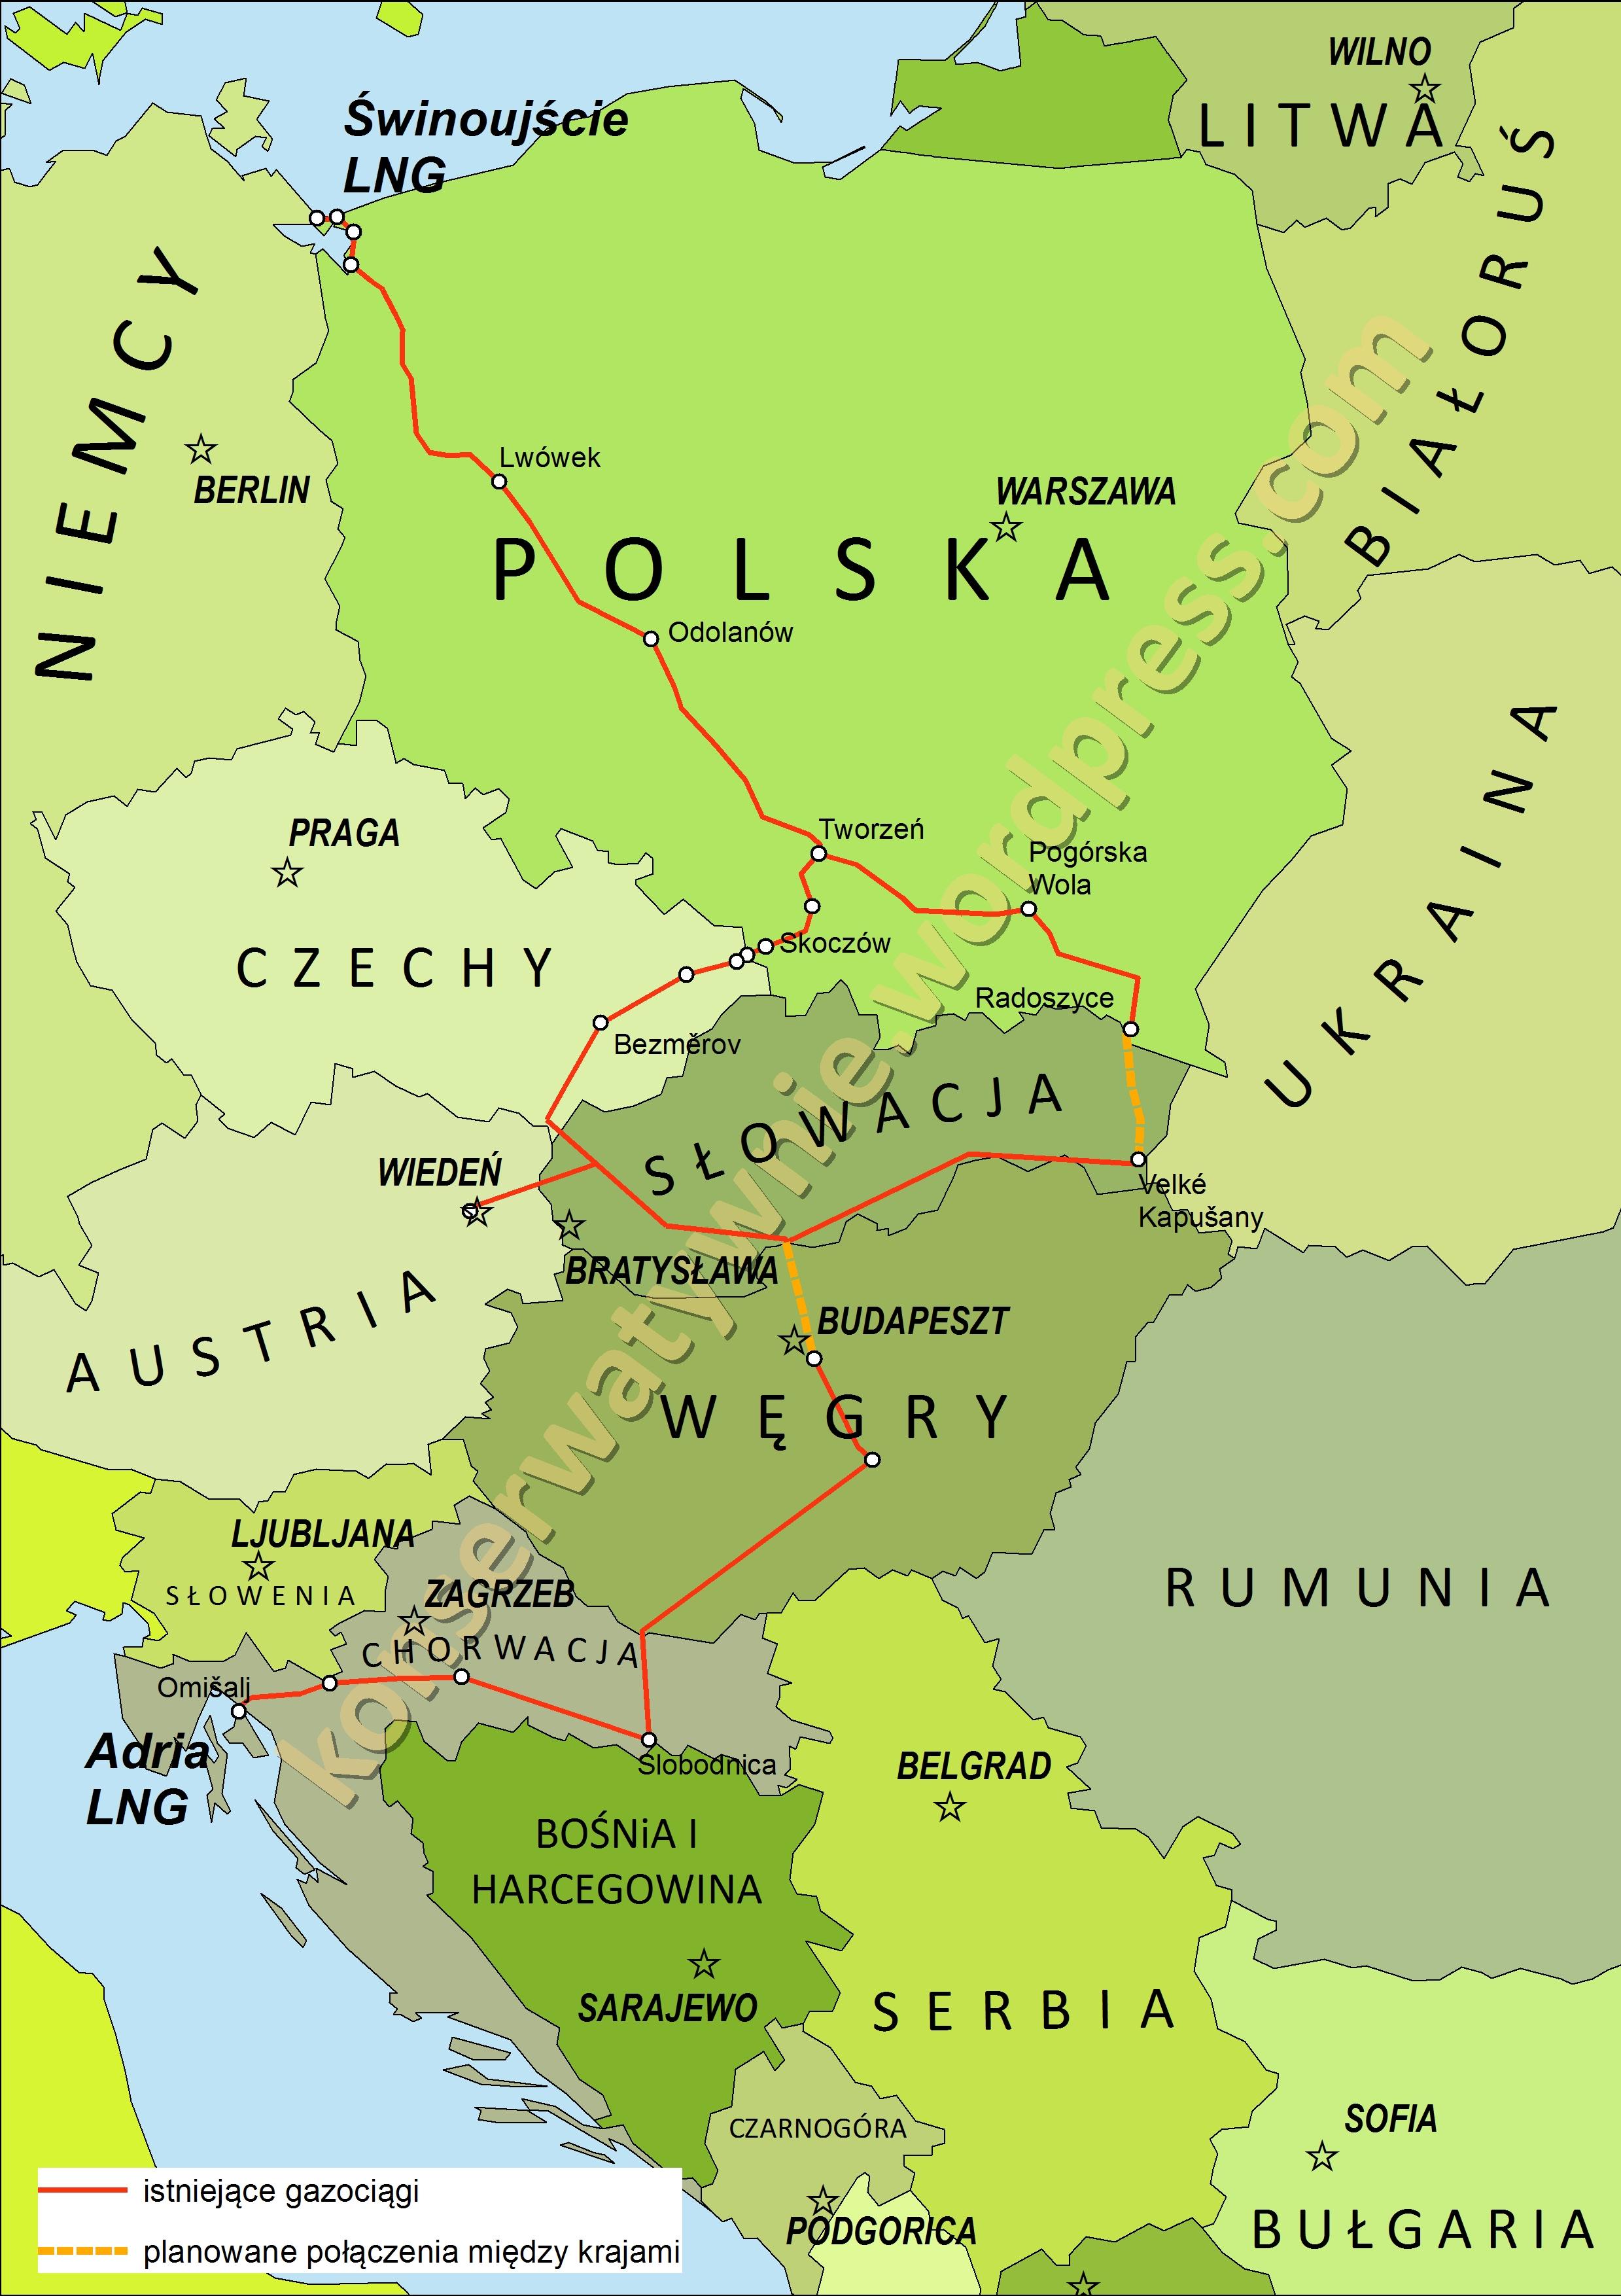 Korytarz Północ-Południe łączący kraje wyszehradzkie z Korytarzem Południowym. Grafika: Konserwatywnie.wordpress.com